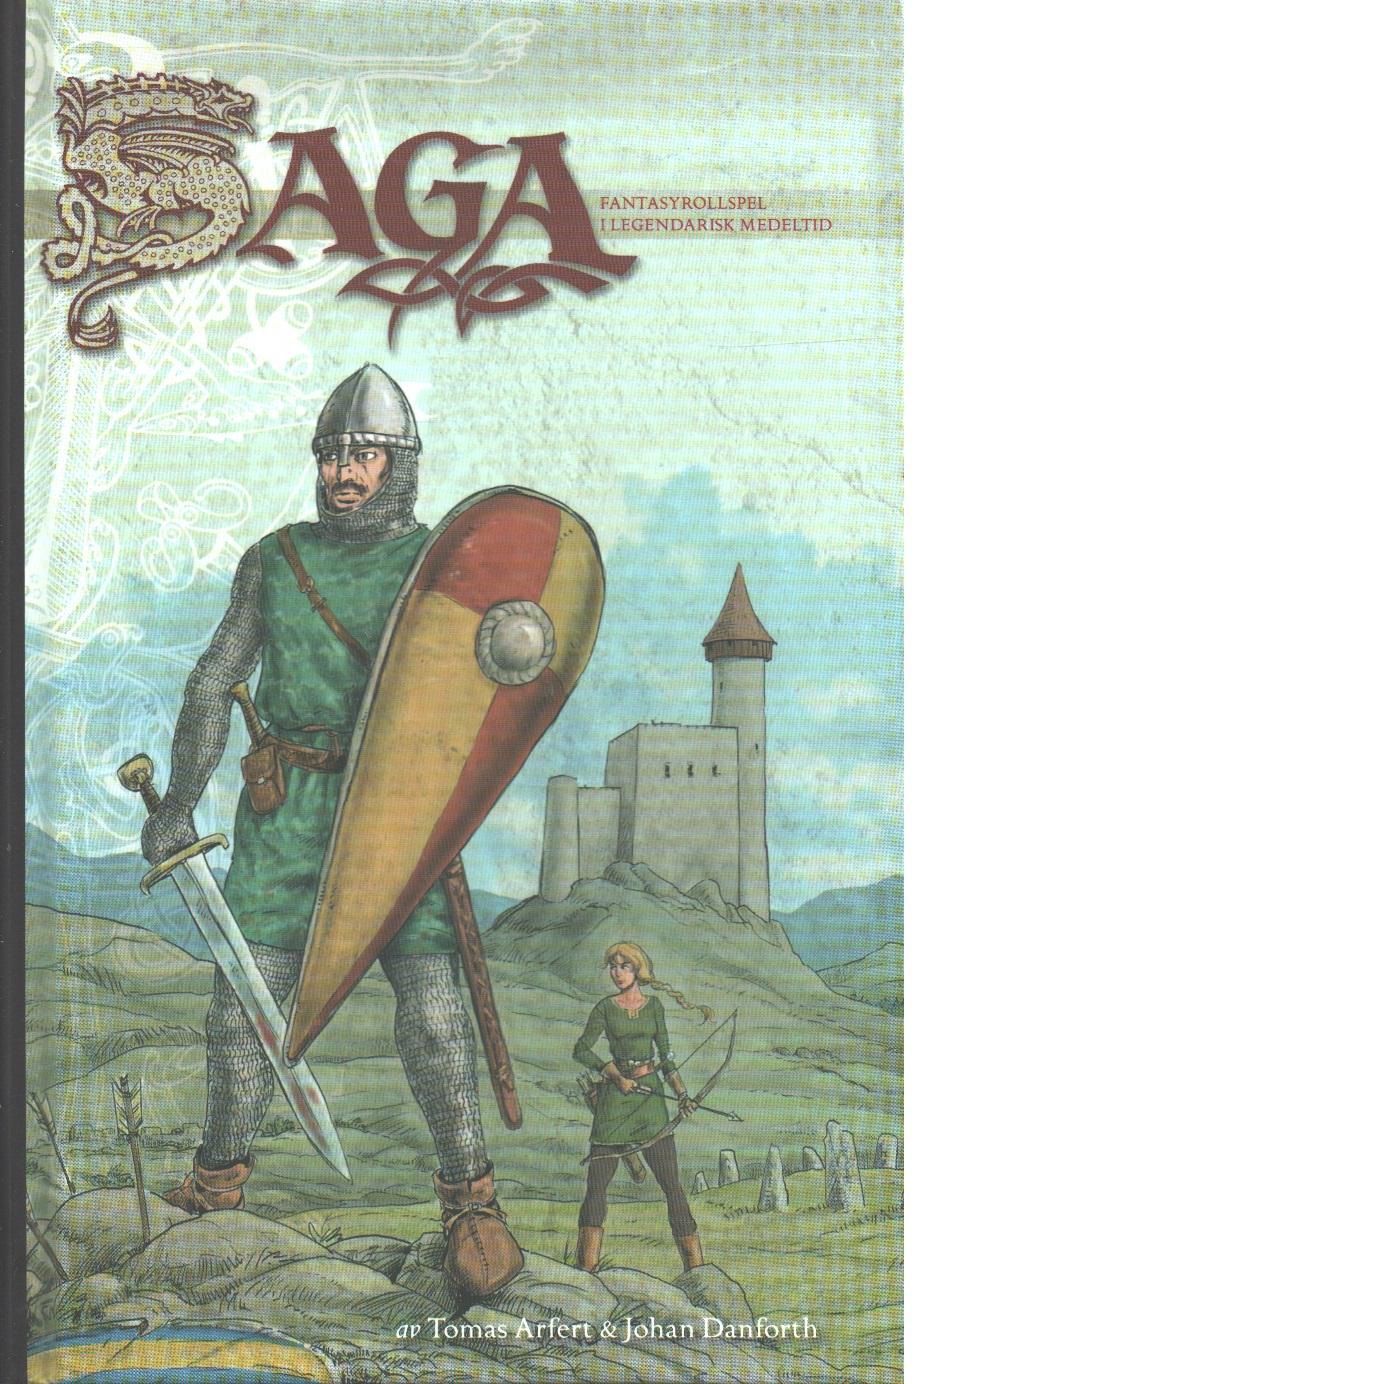 Saga – fantasyrollspel i legendarisk medeltid - Arfert, Tomas och Danforth, Johan